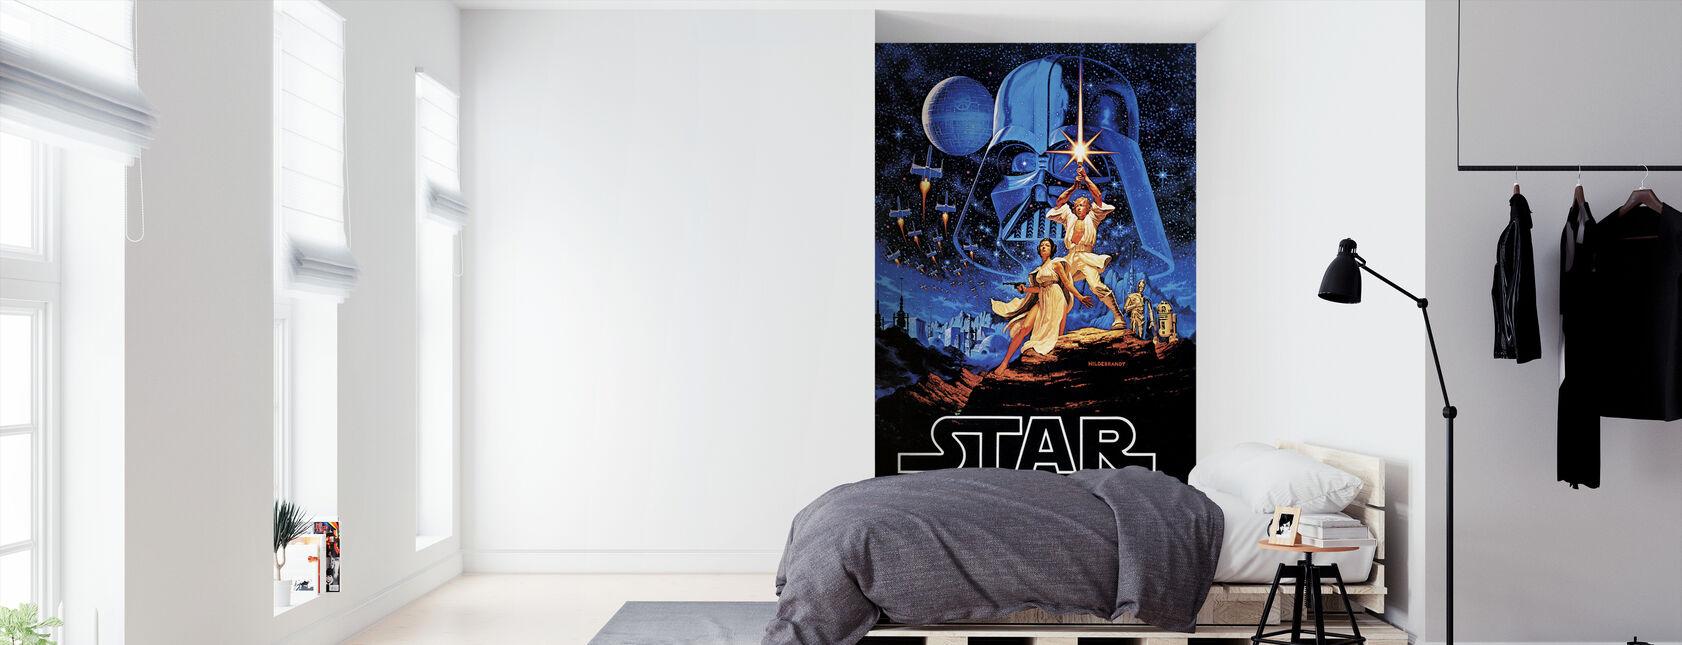 Star Wars - blå himmel plakat - Tapet - Soveværelse